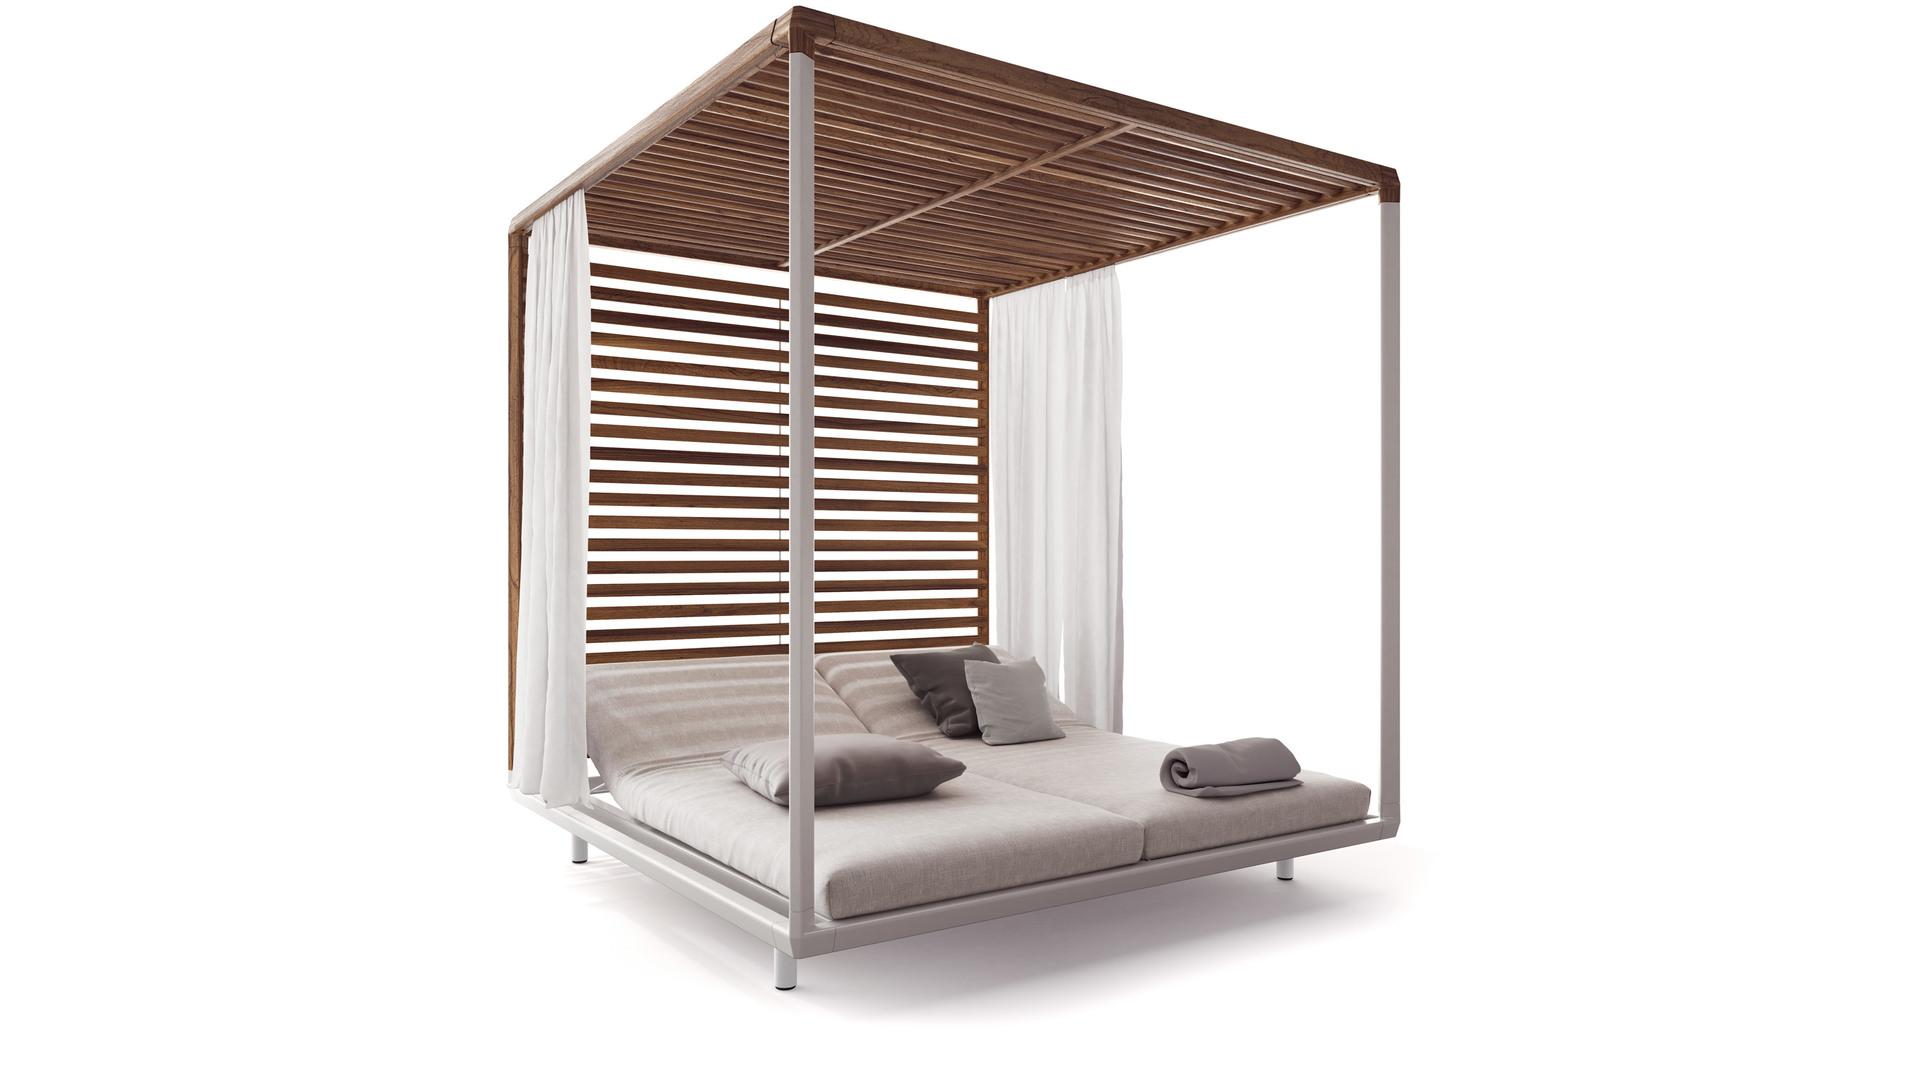 Tribu-pavilion-daybed.jpg